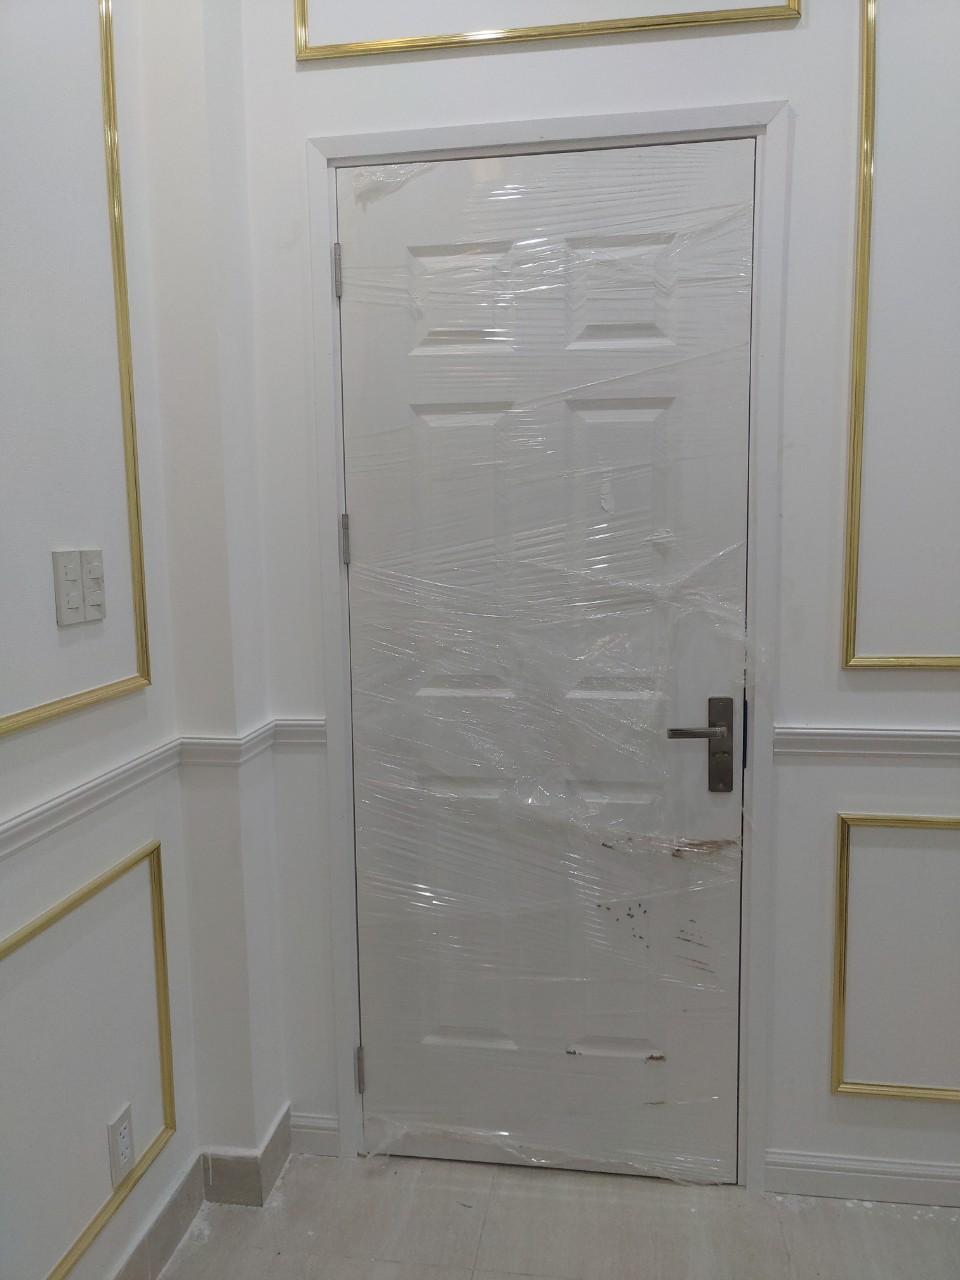 Nên chọn cửa nhôm hay cửa gỗ   có nên dùng cửa gỗ công nghiệp